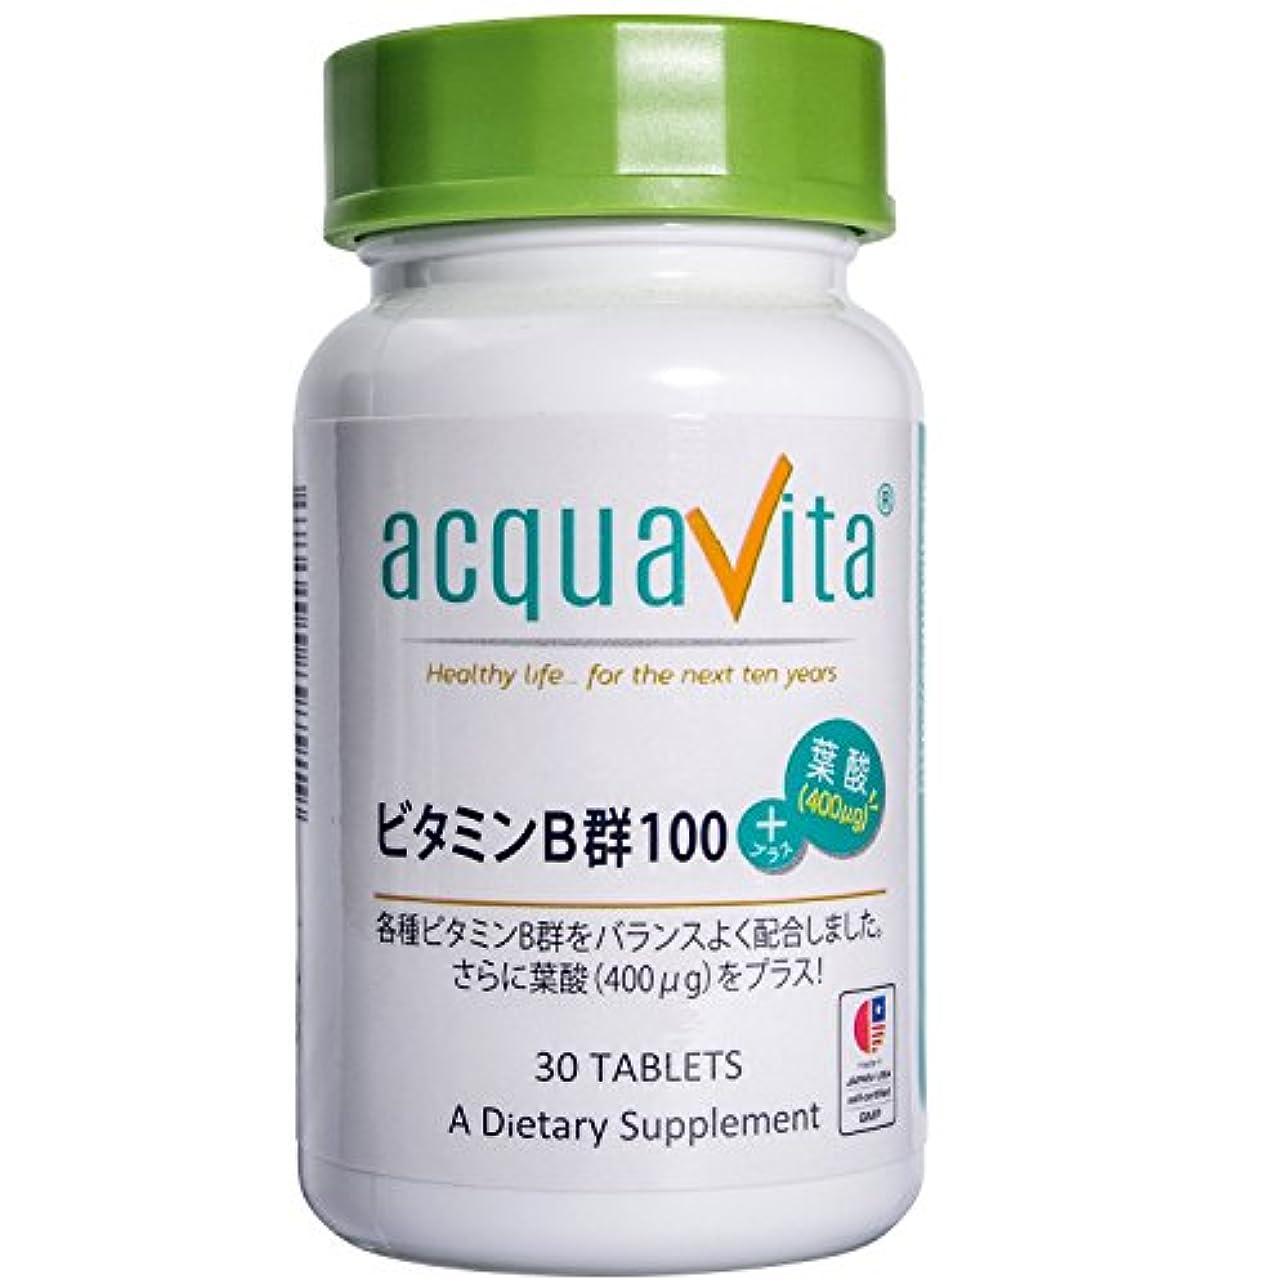 委員長作曲する傘acquavita(アクアヴィータ) ビタミンB群100+葉酸(400μg) 30粒